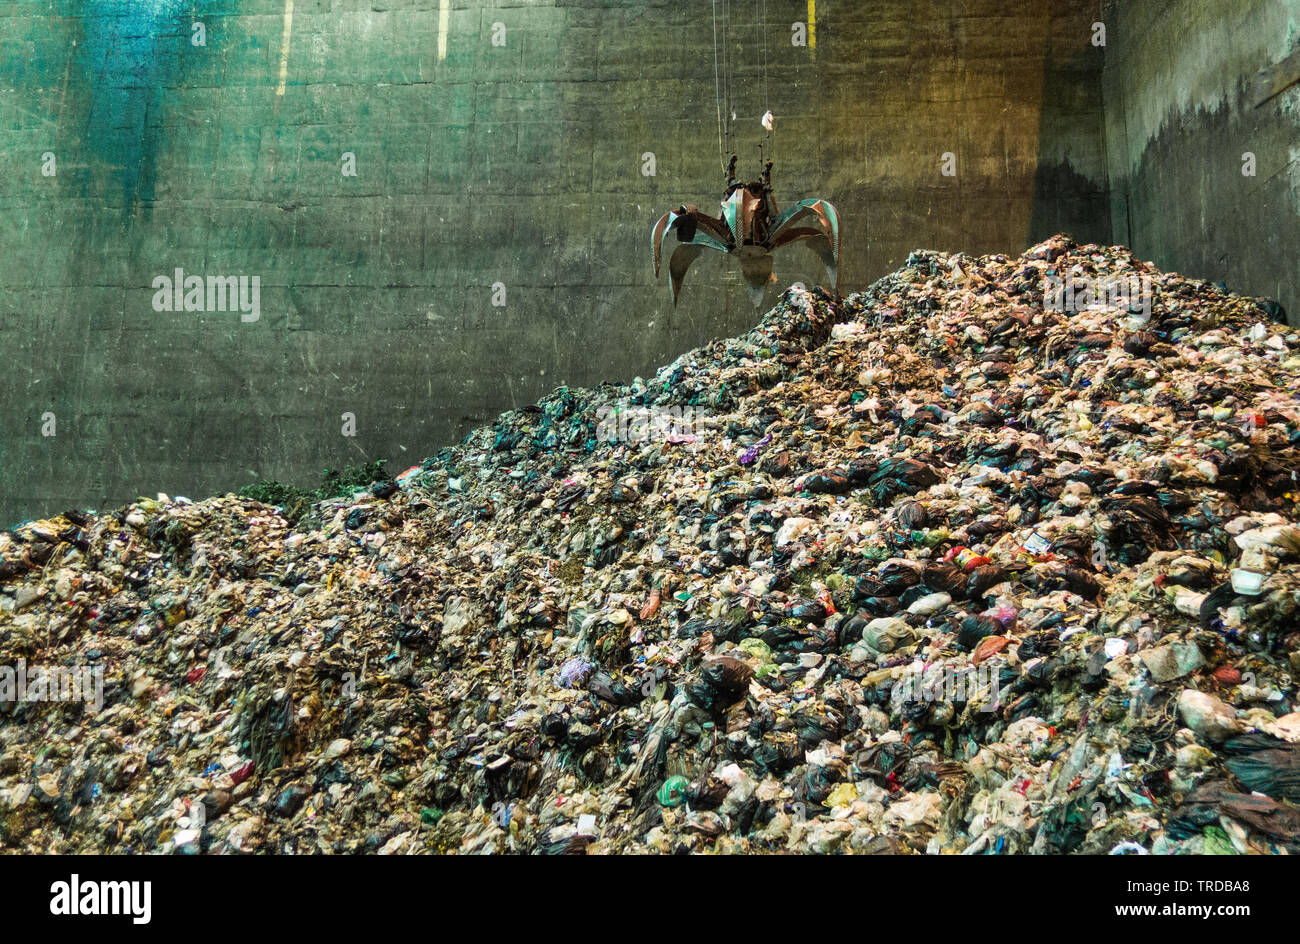 Enormi quantità di rifiuti nel settore della gestione dei rifiuti solidi impianto. Immagini Stock